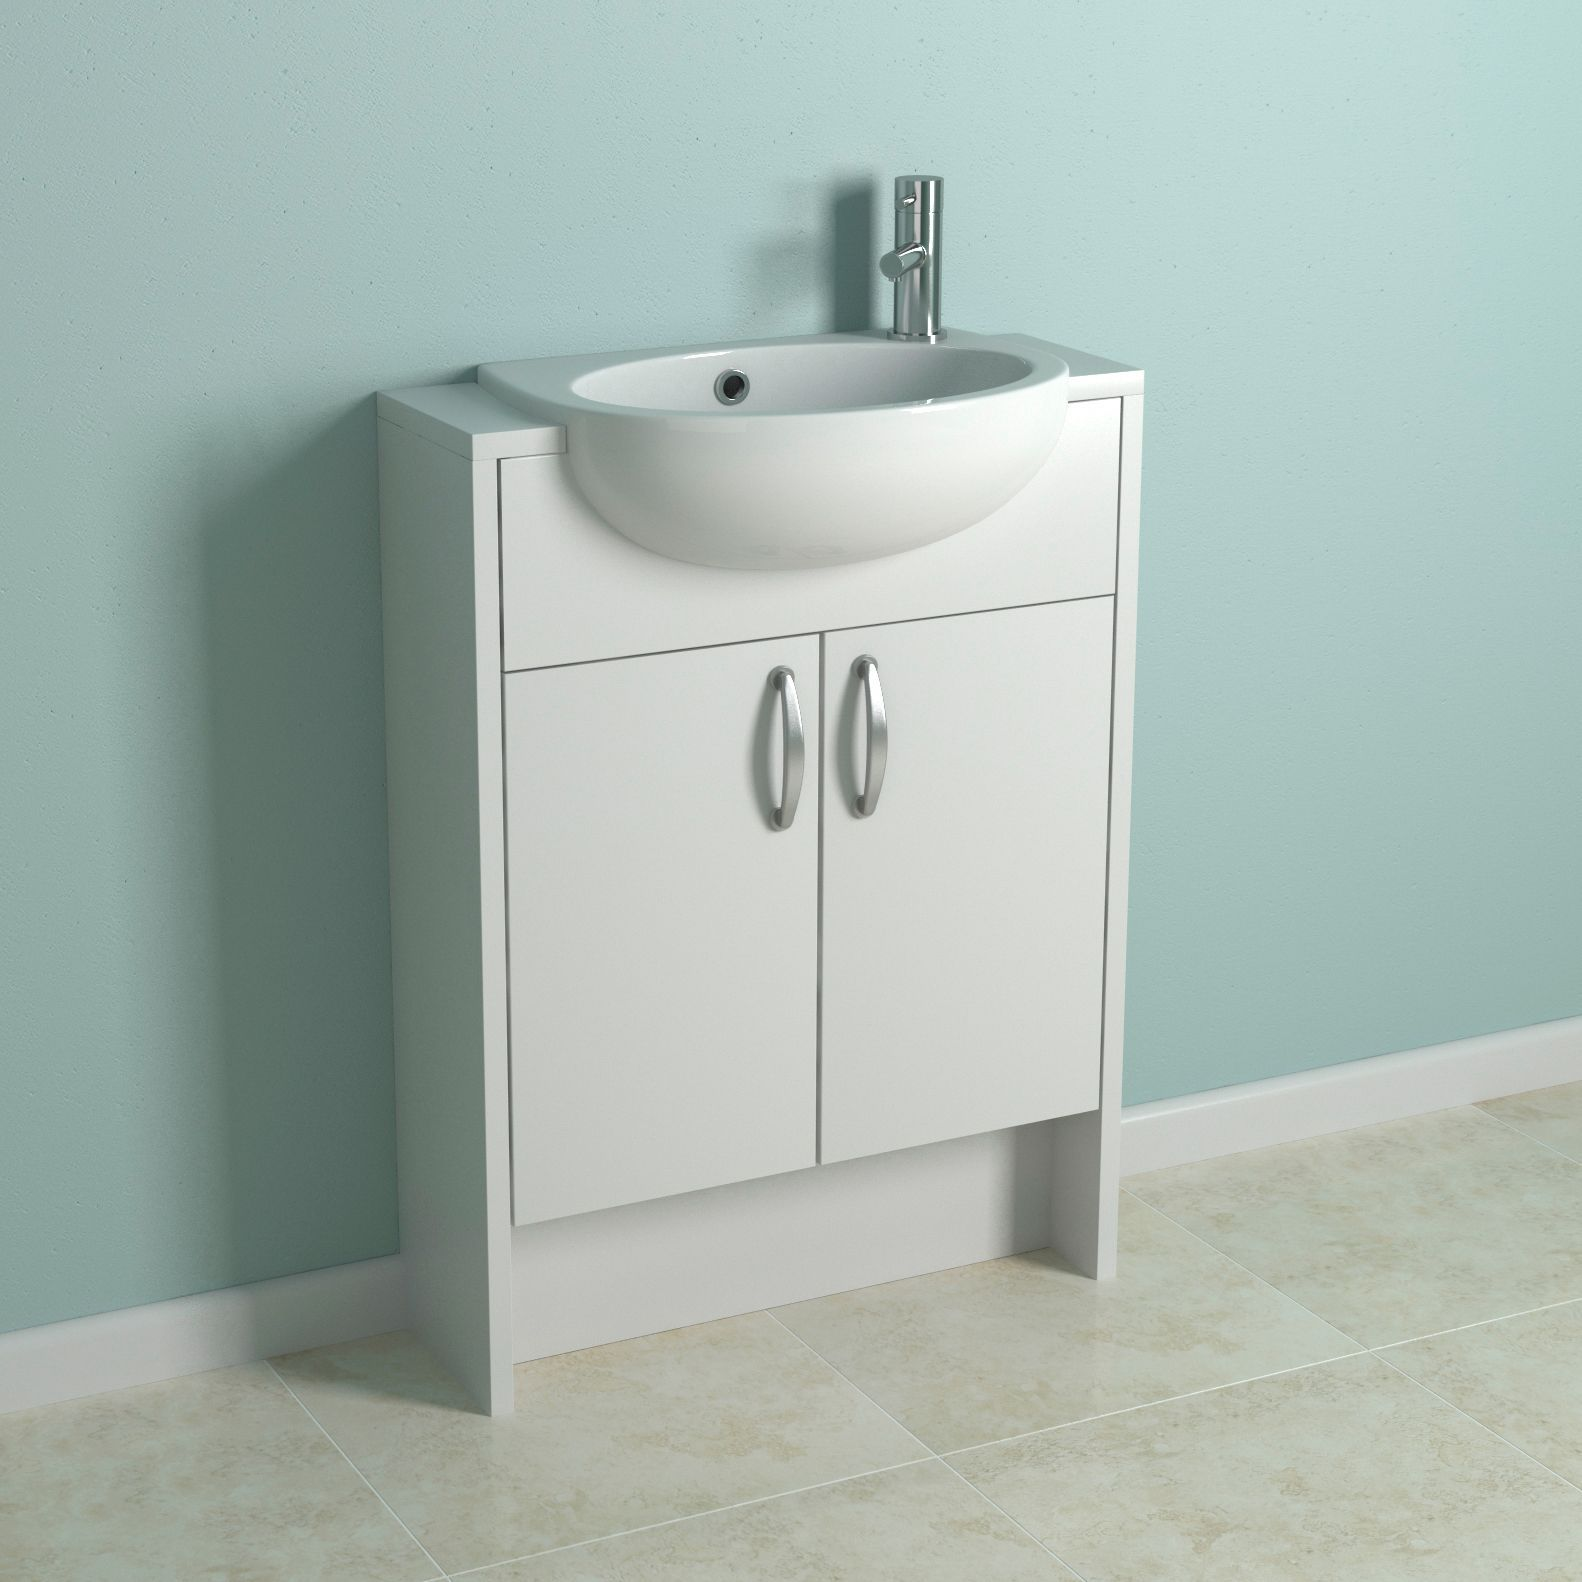 White Bathroom Vanity DIY